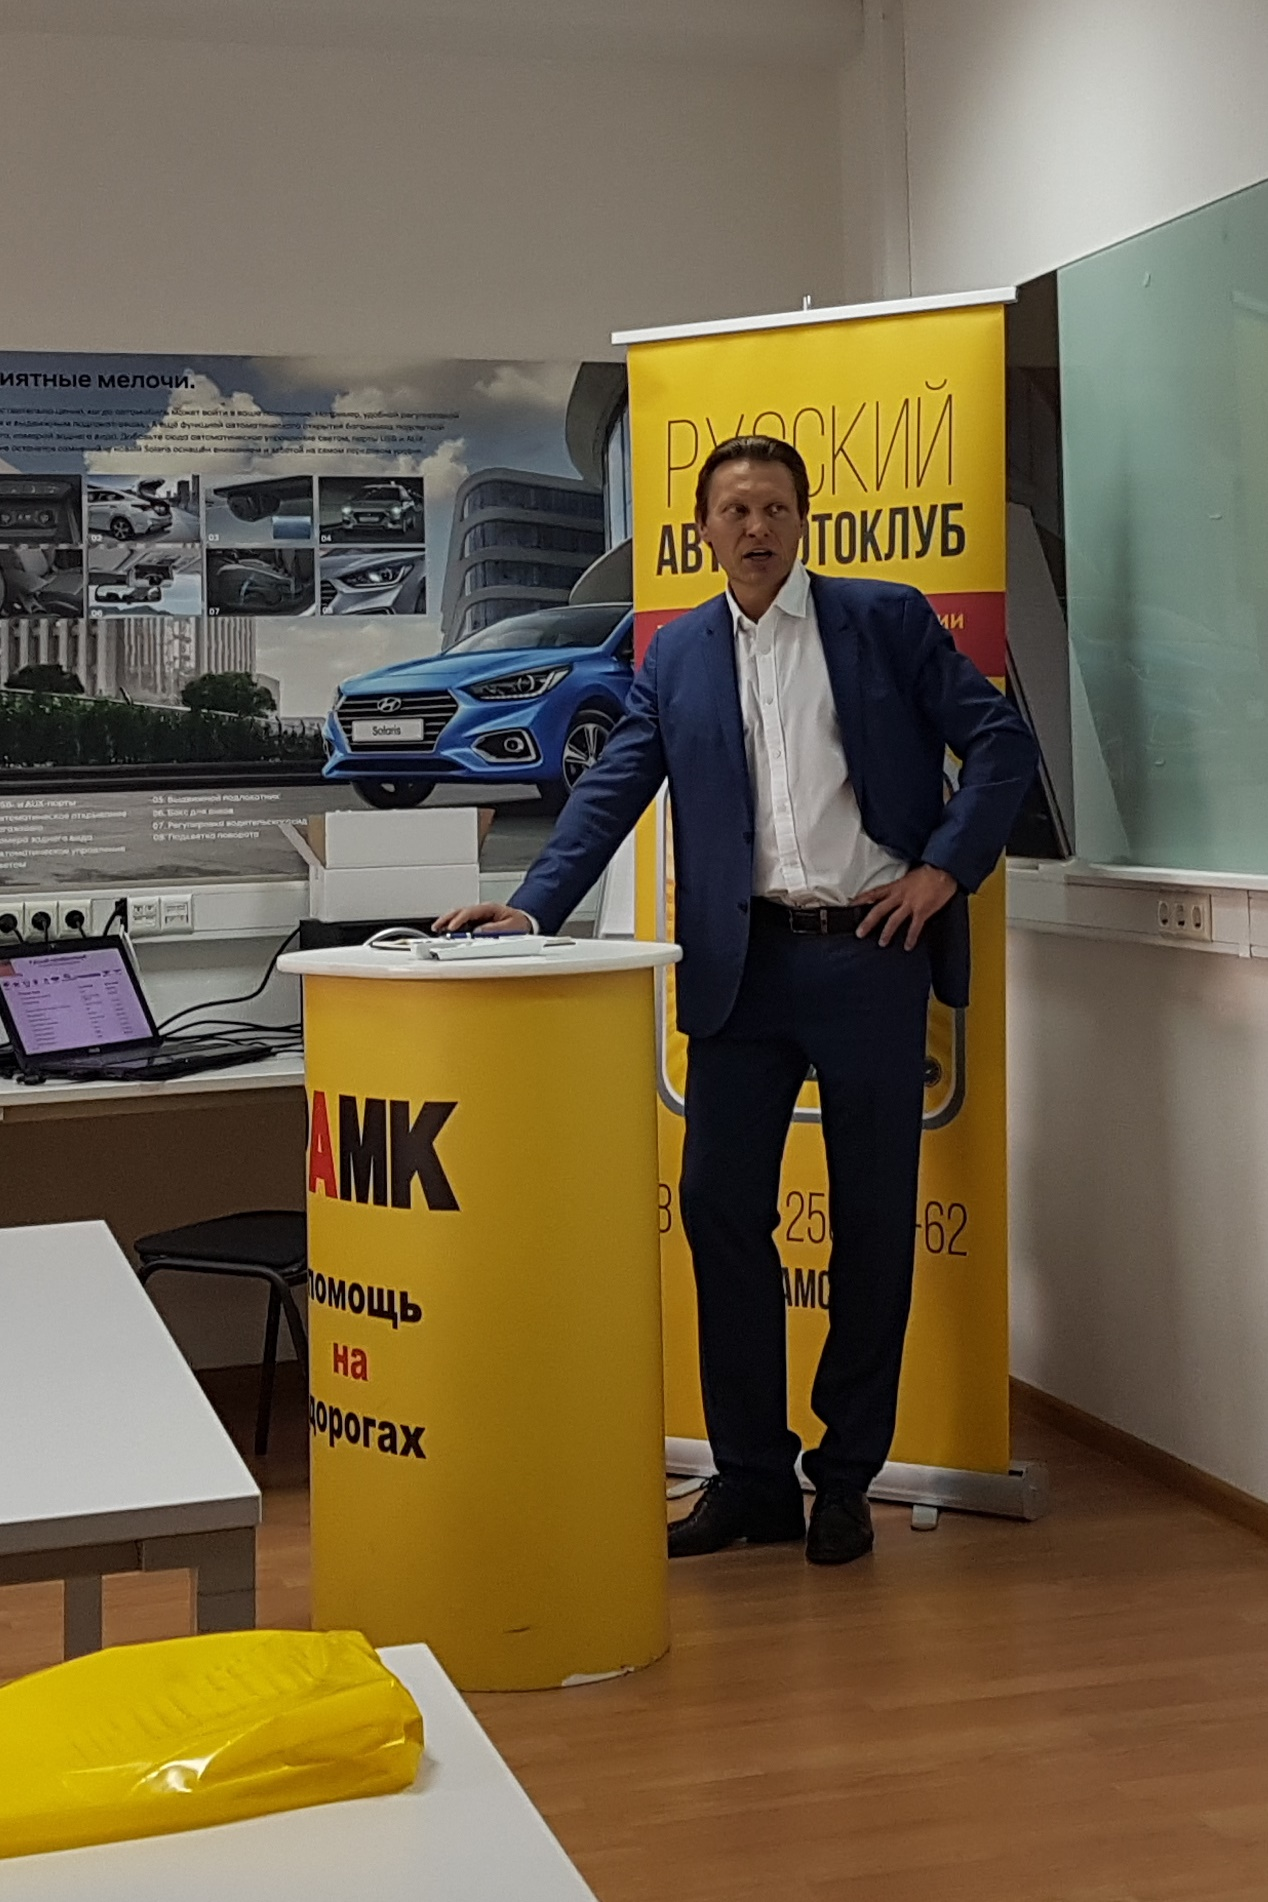 Конференция служб помощи на дорогах - директор Алексеев Константин организатор Русский АвтоМотоКлуб